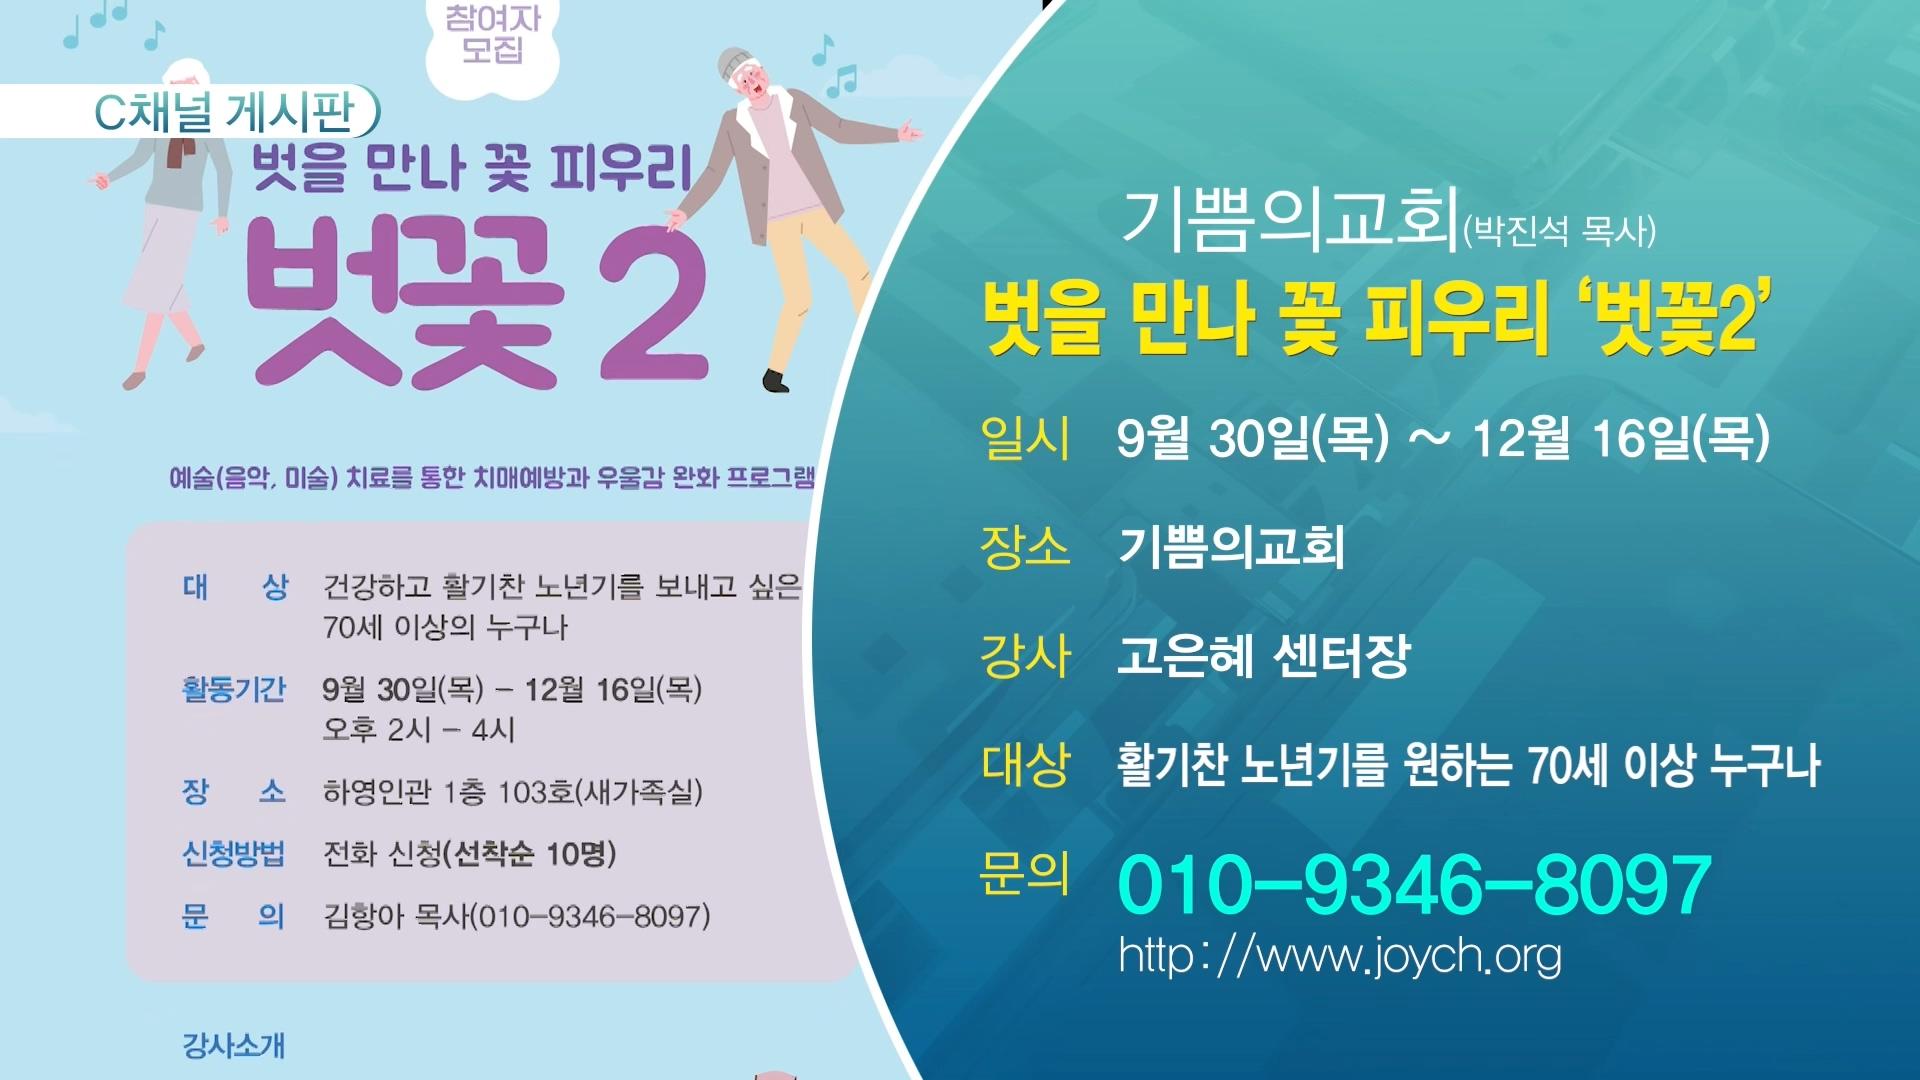 벗을 만나 꽃 피우리 '벗꽃2' (기쁨의교회 (박진석 목사)) - 9월 30일(목) ~ 12월 16일(목)